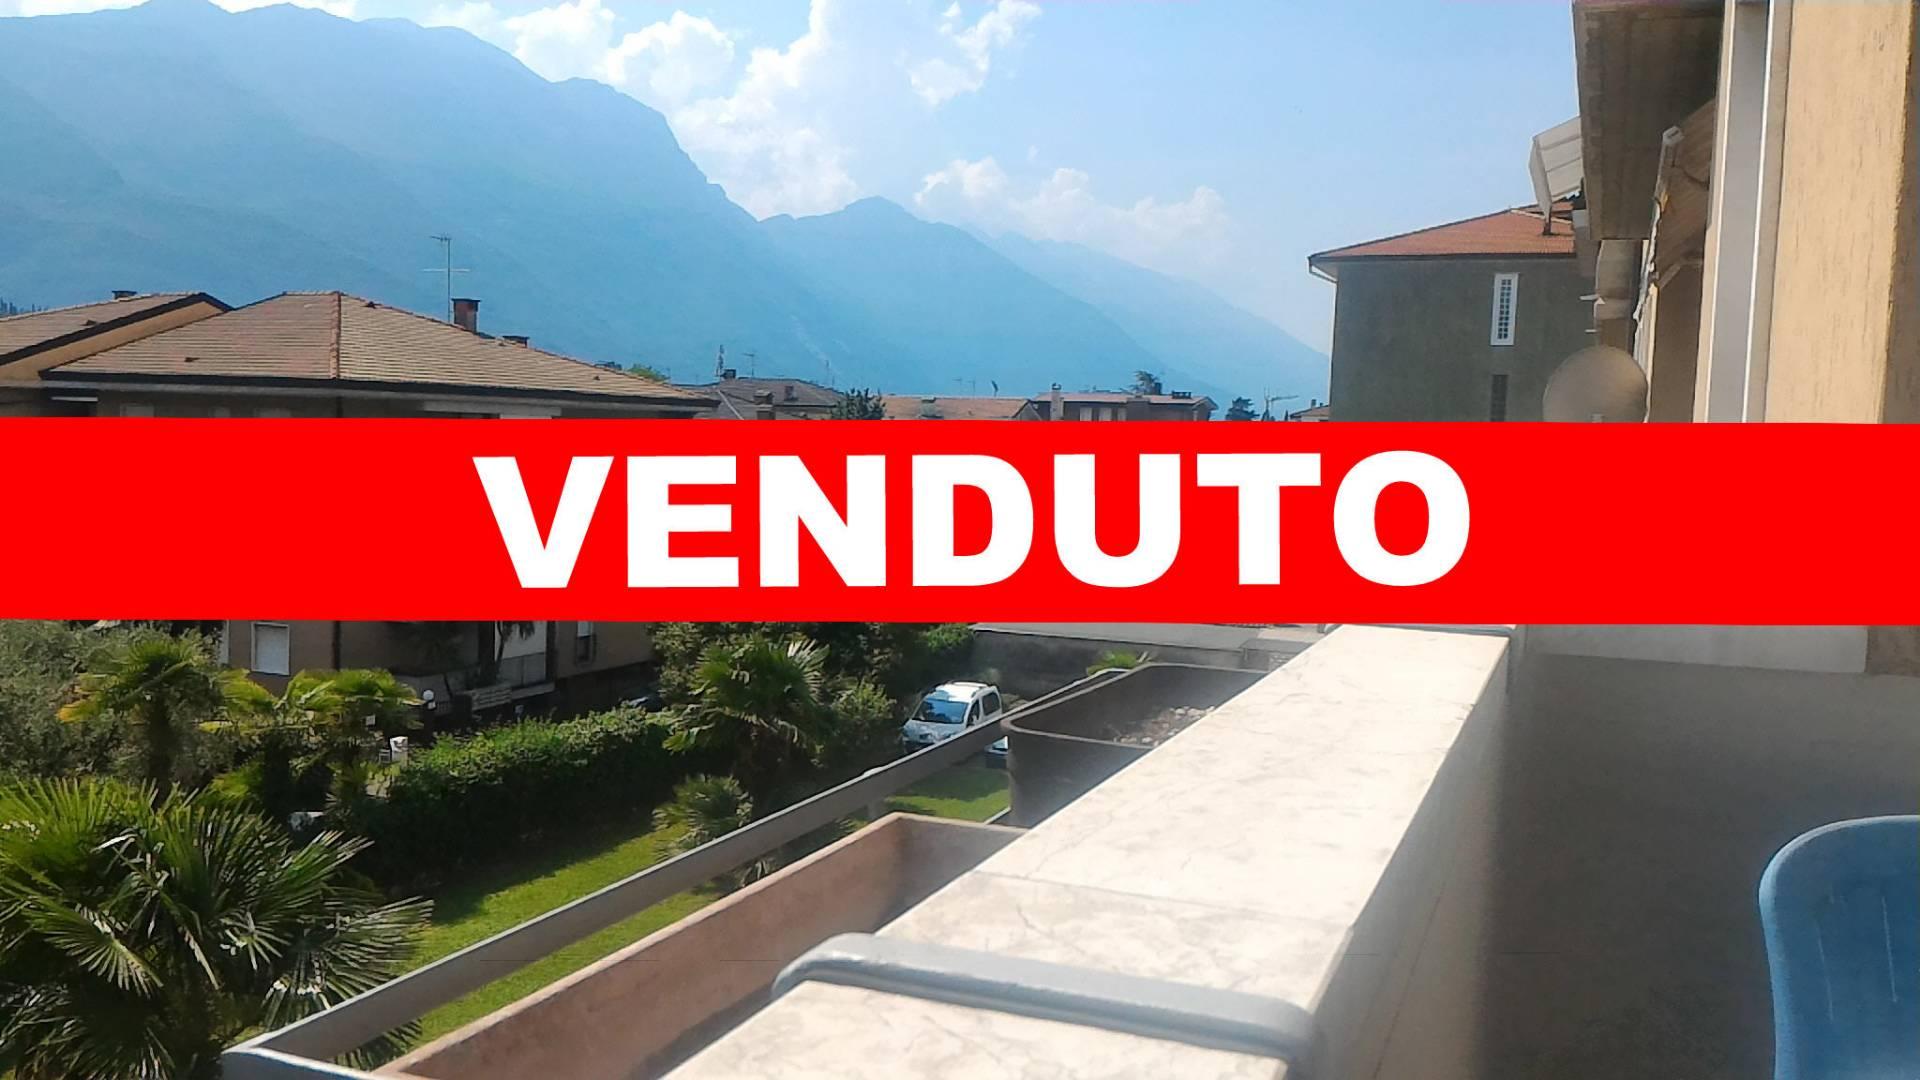 Appartamento in vendita a Riva del Garda, 5 locali, zona Zona: Riva, prezzo € 255.000 | CambioCasa.it